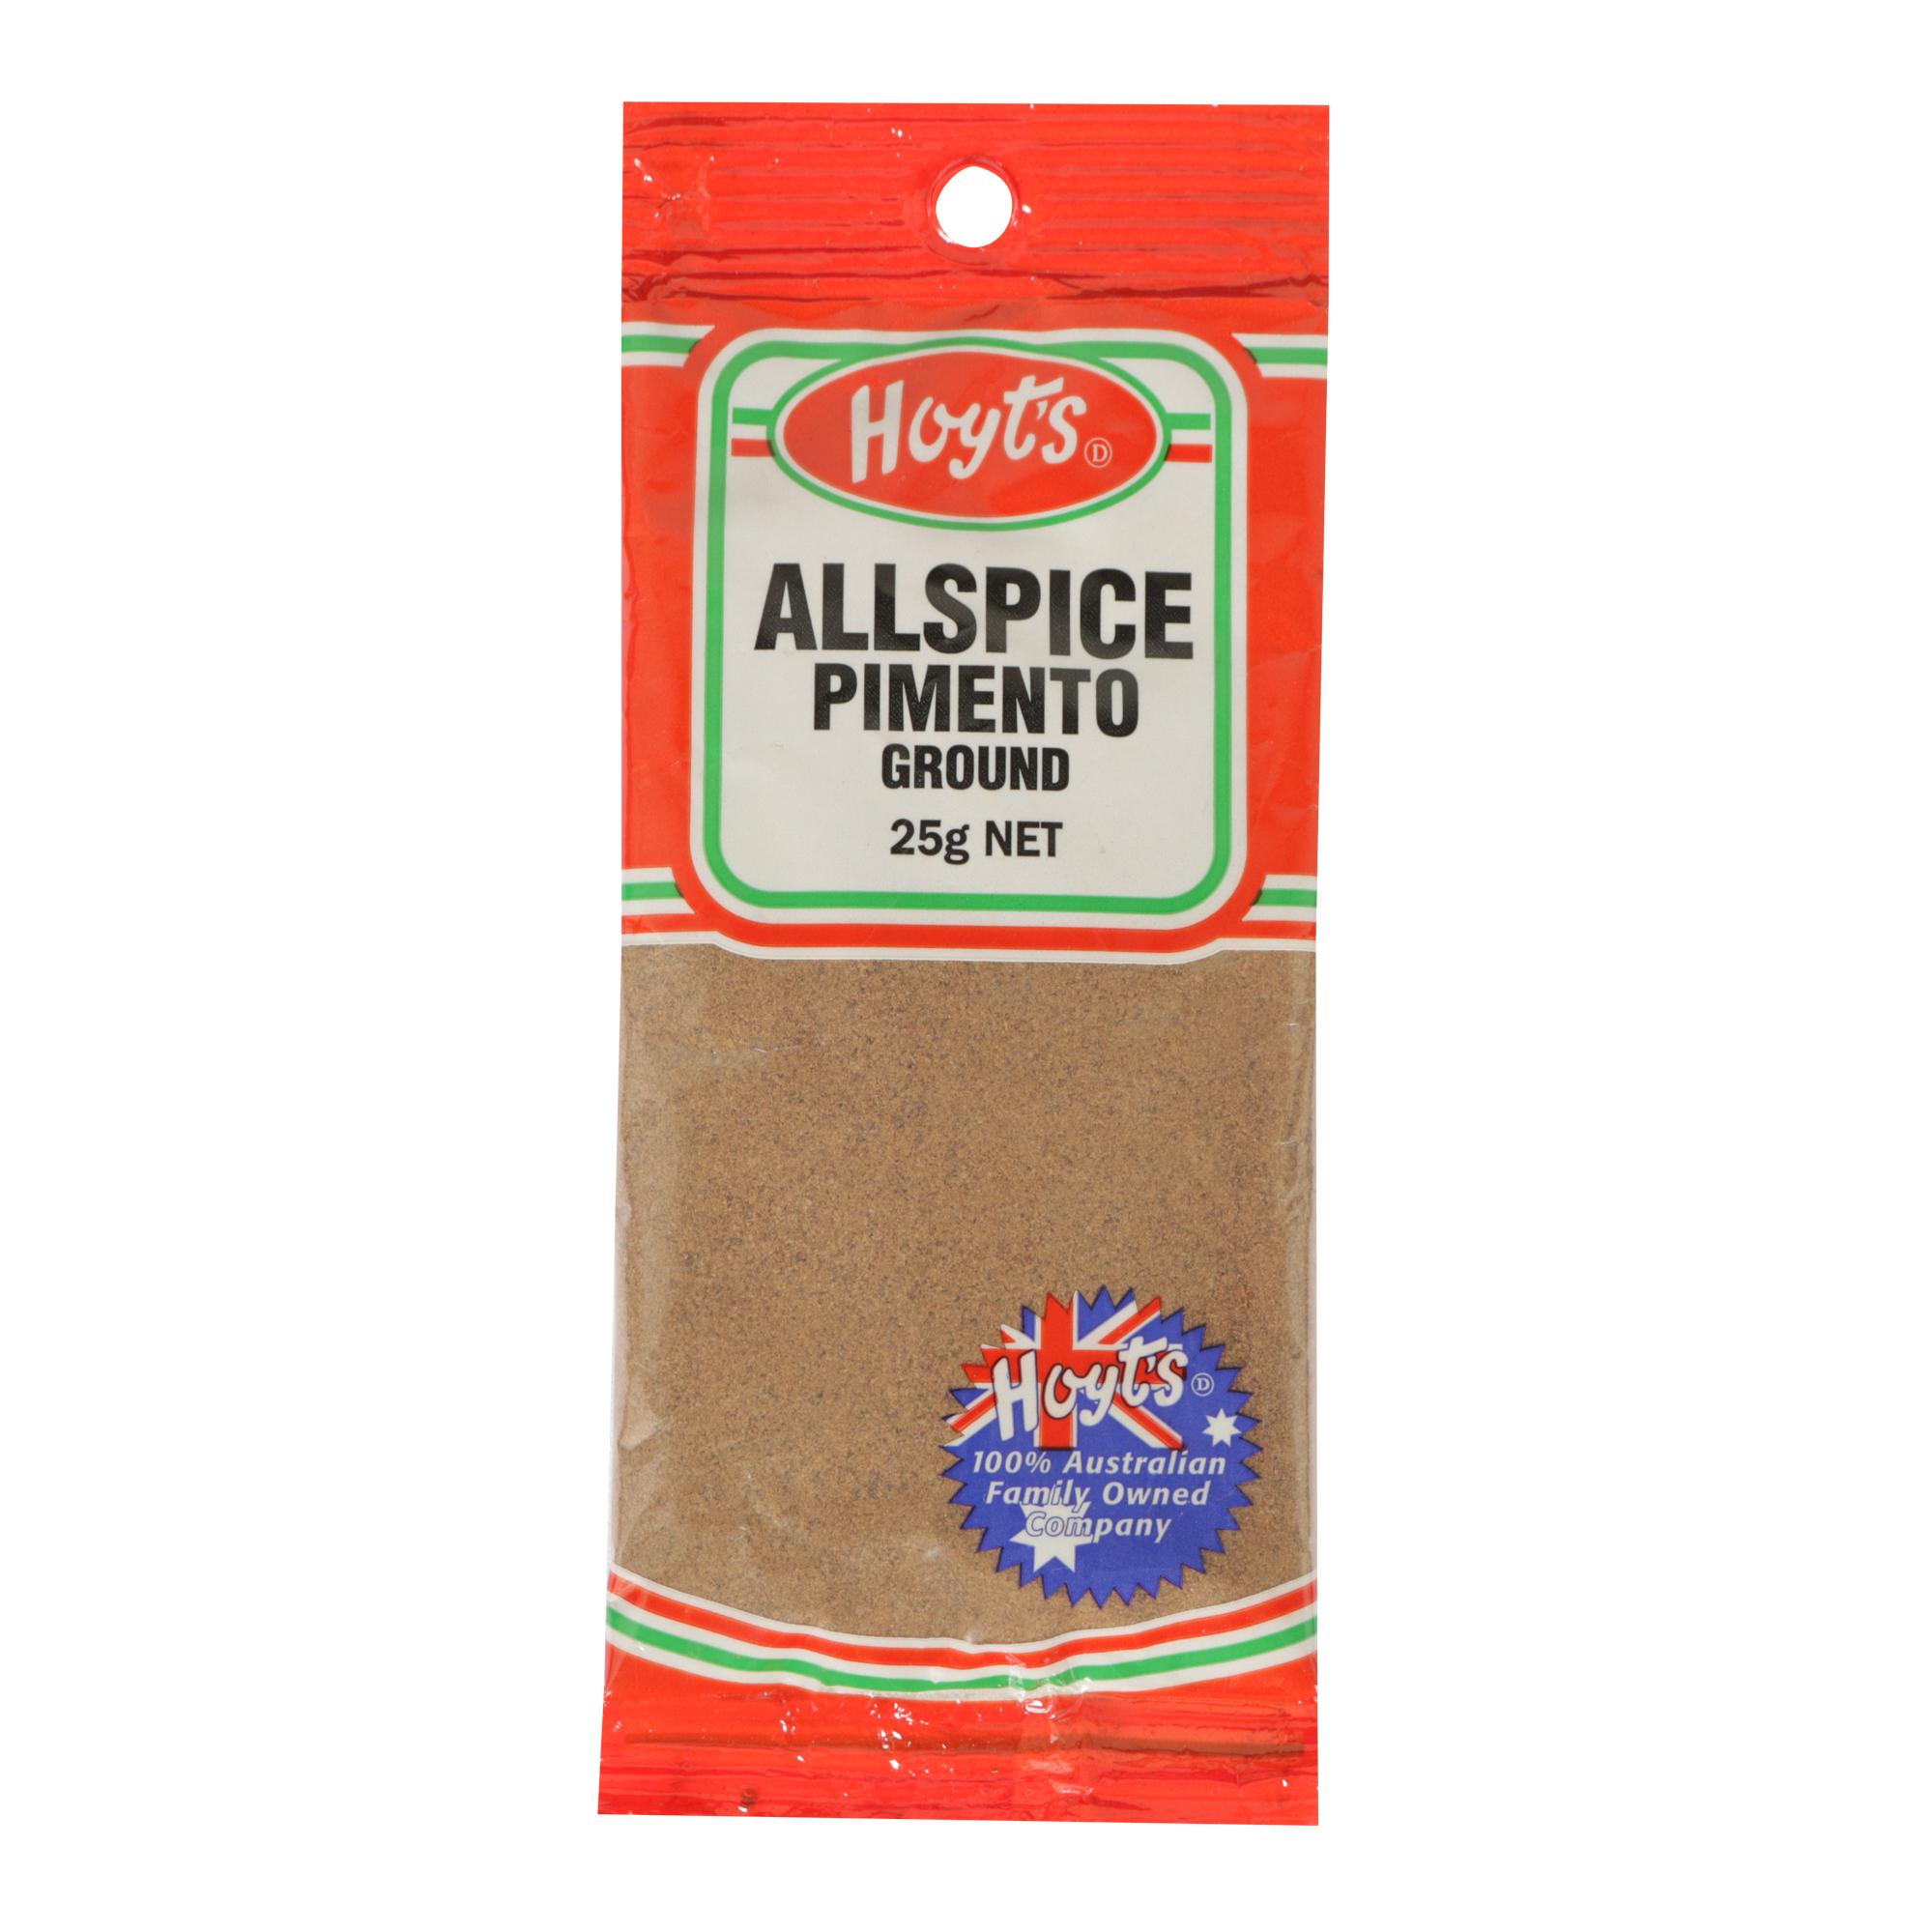 Hoyts Allspice Ground 25g